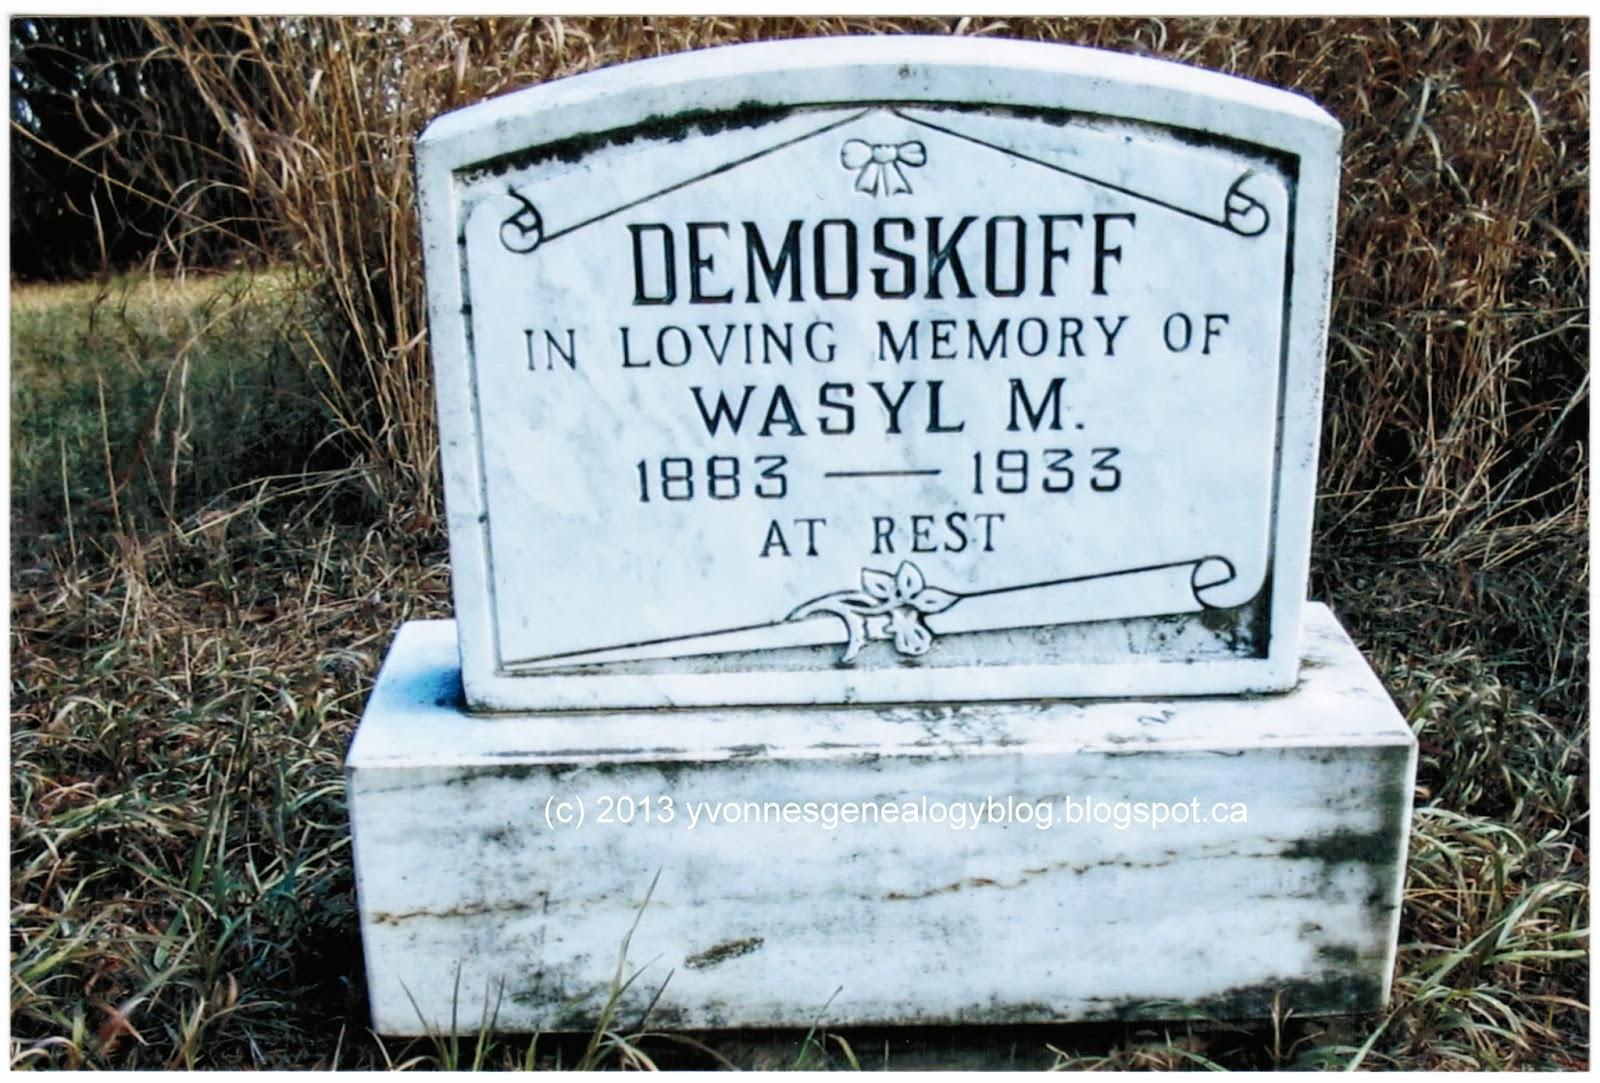 Wasyl Demosky gravemarker